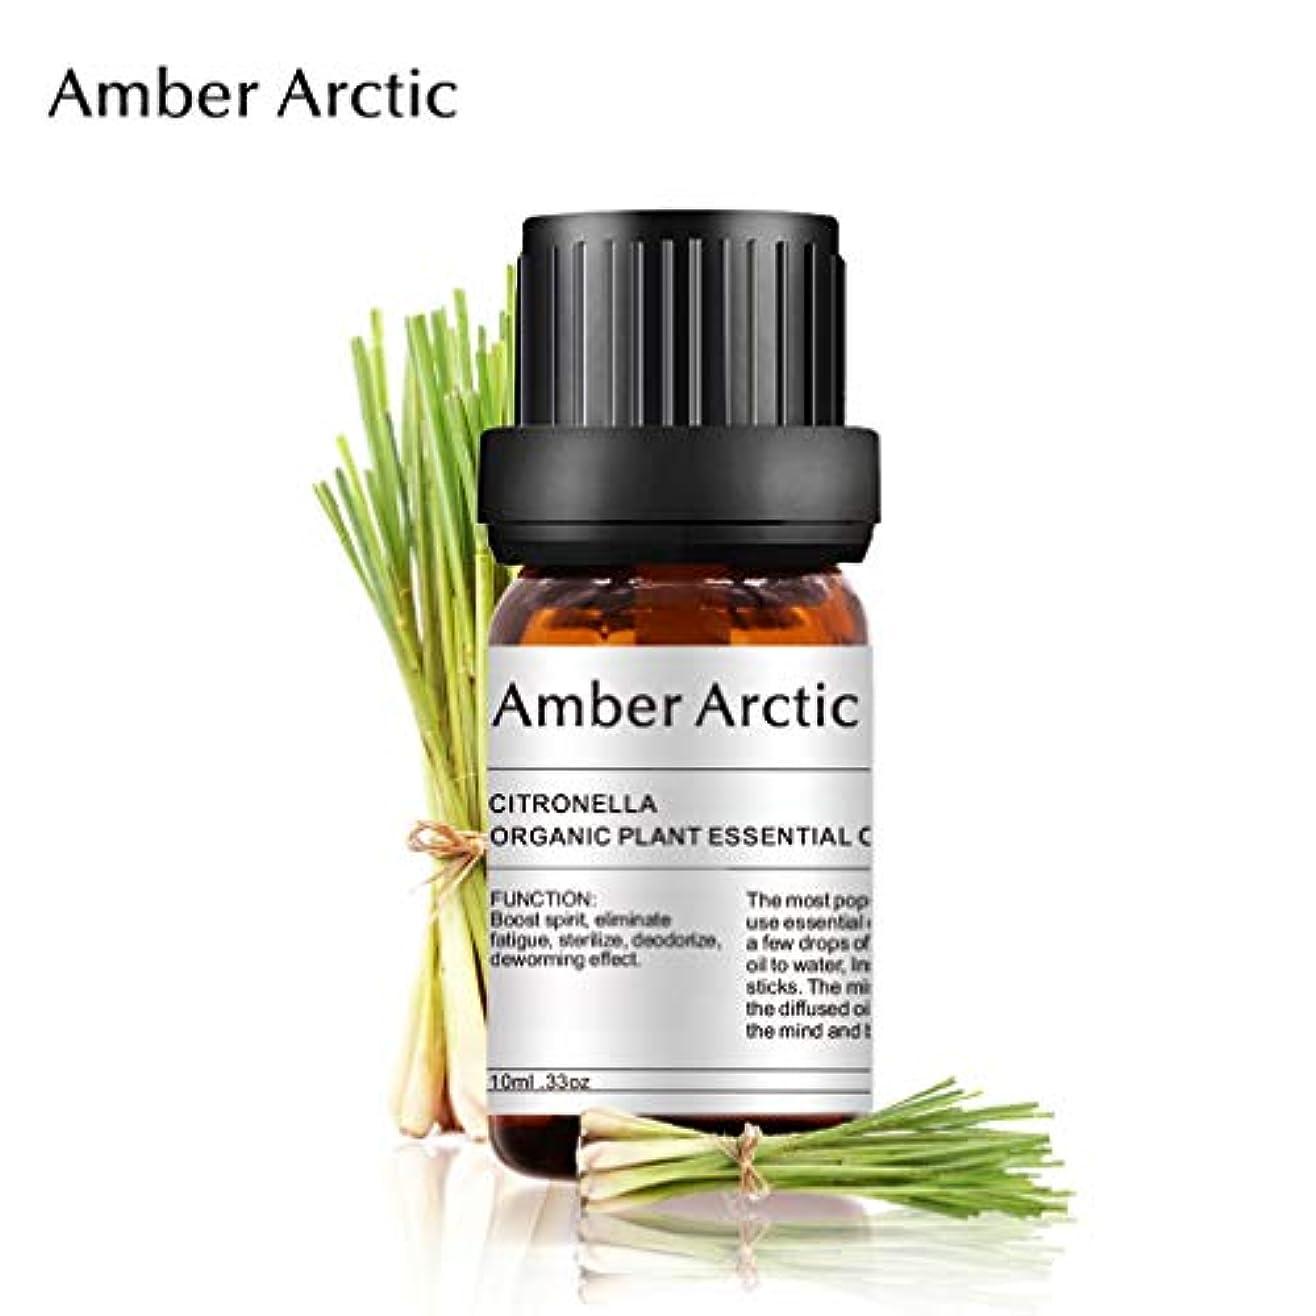 減る家事直感AMBER ARCTIC エッセンシャル オイル ディフューザー 用 100% 純粋 新鮮 有機 植物 療法 シトロネラ オイル 10Ml/0.33Oz シトロネラ